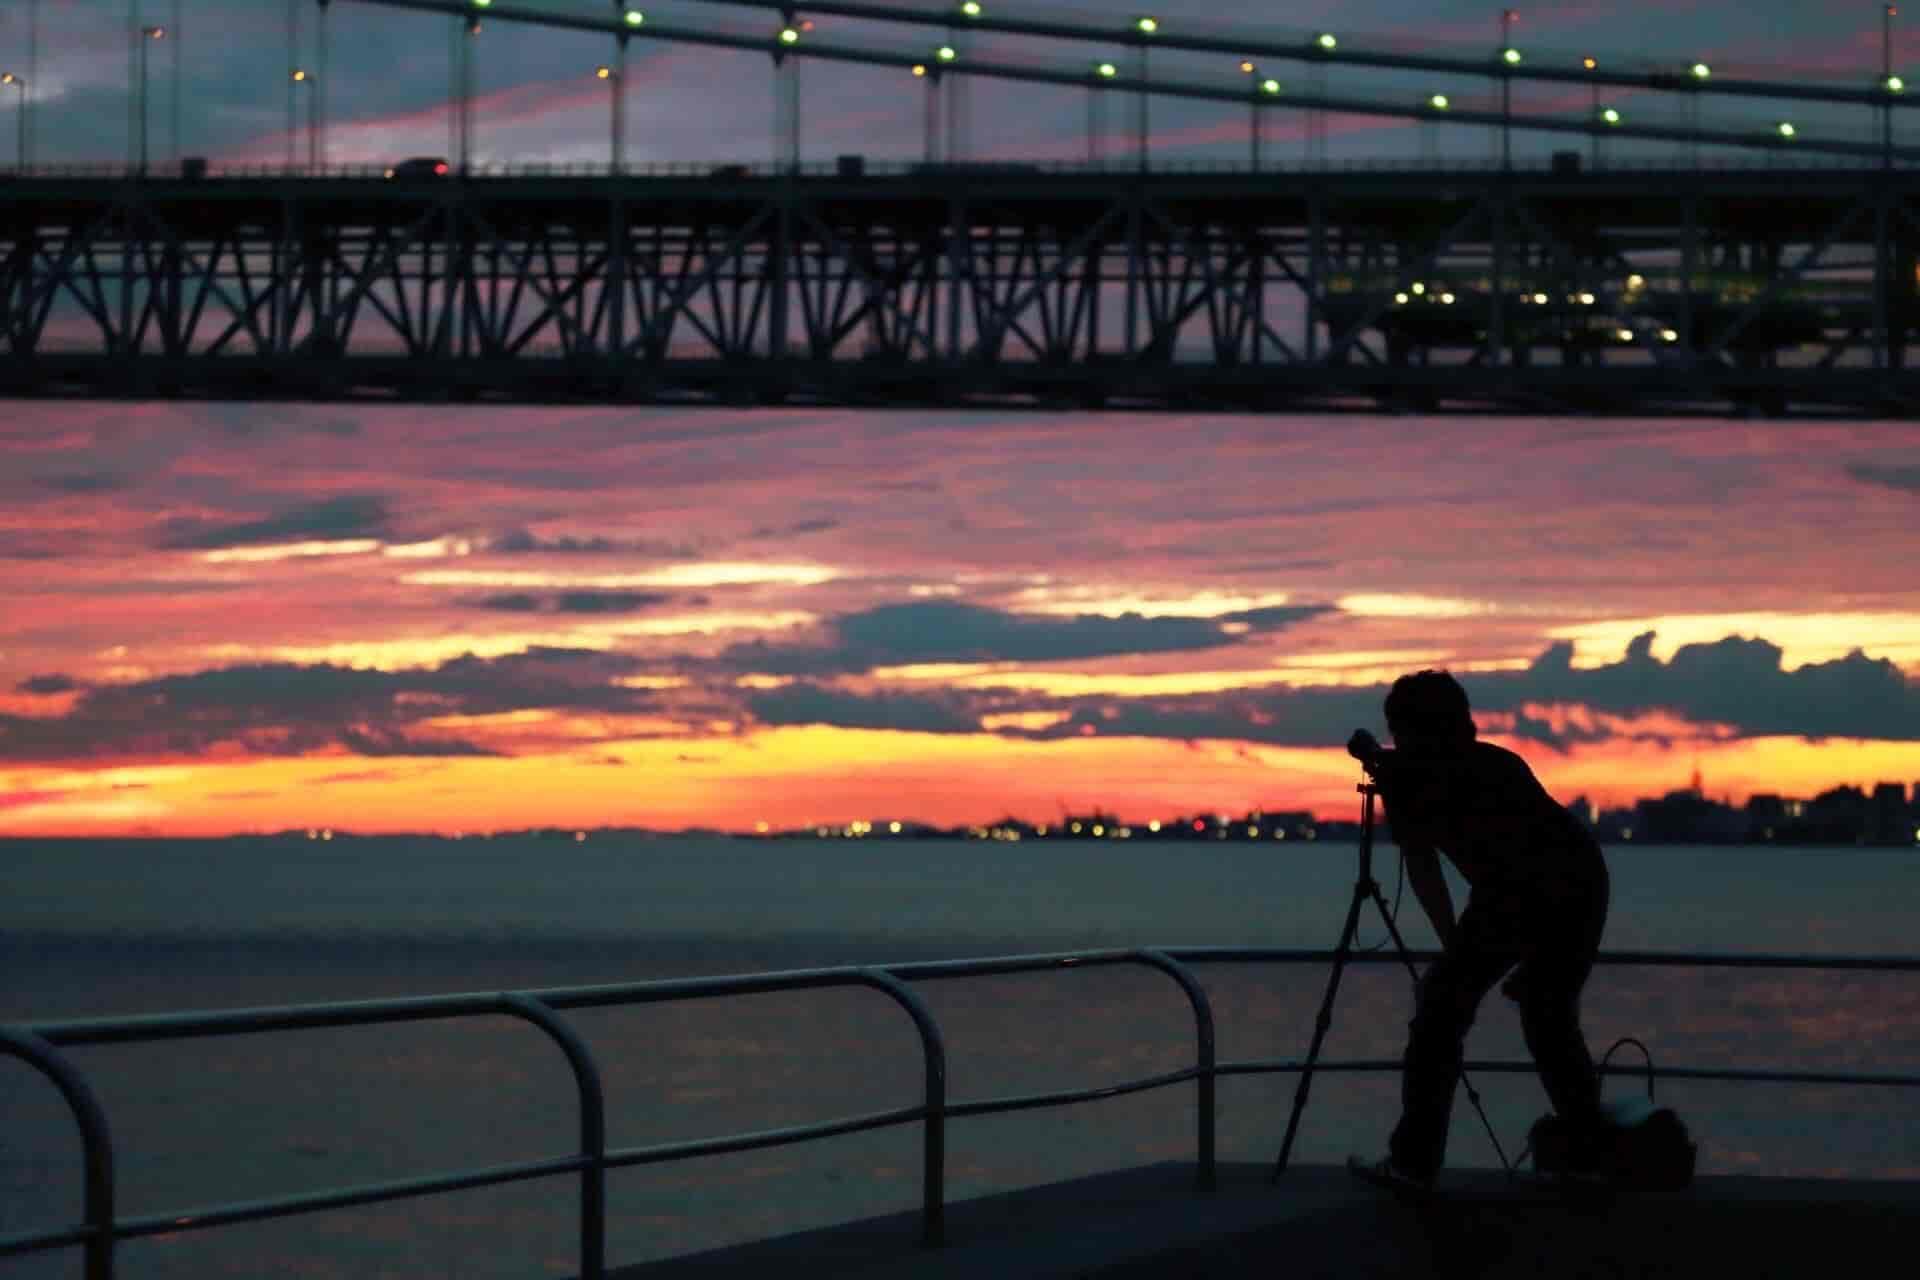 ラブ探偵事務所と他社の千葉県白井市での夜間暗視撮影